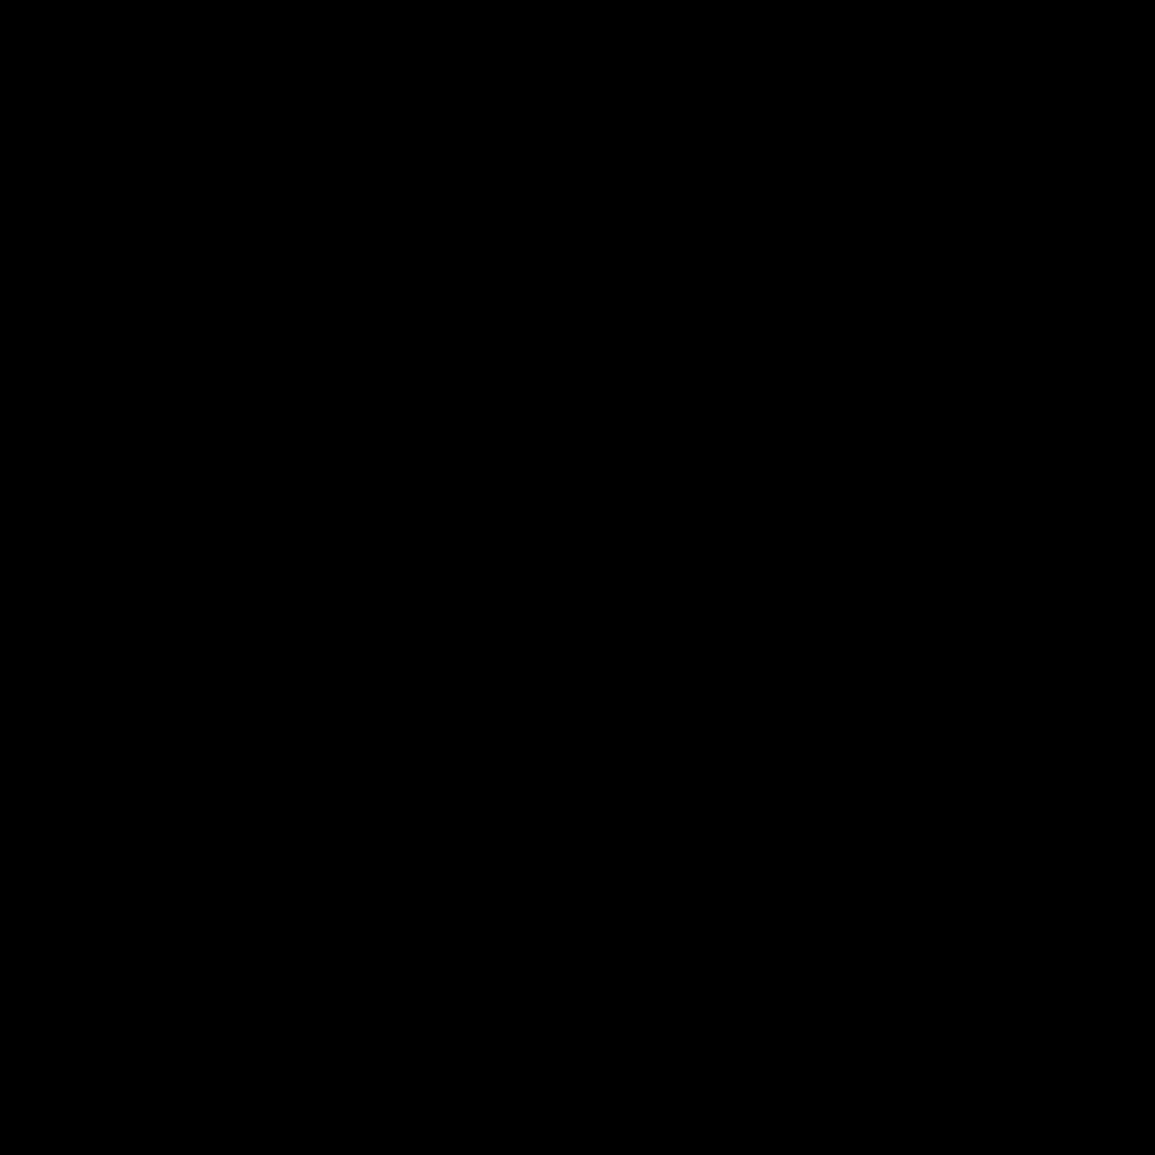 築野蘭 E ETRN 字形見本